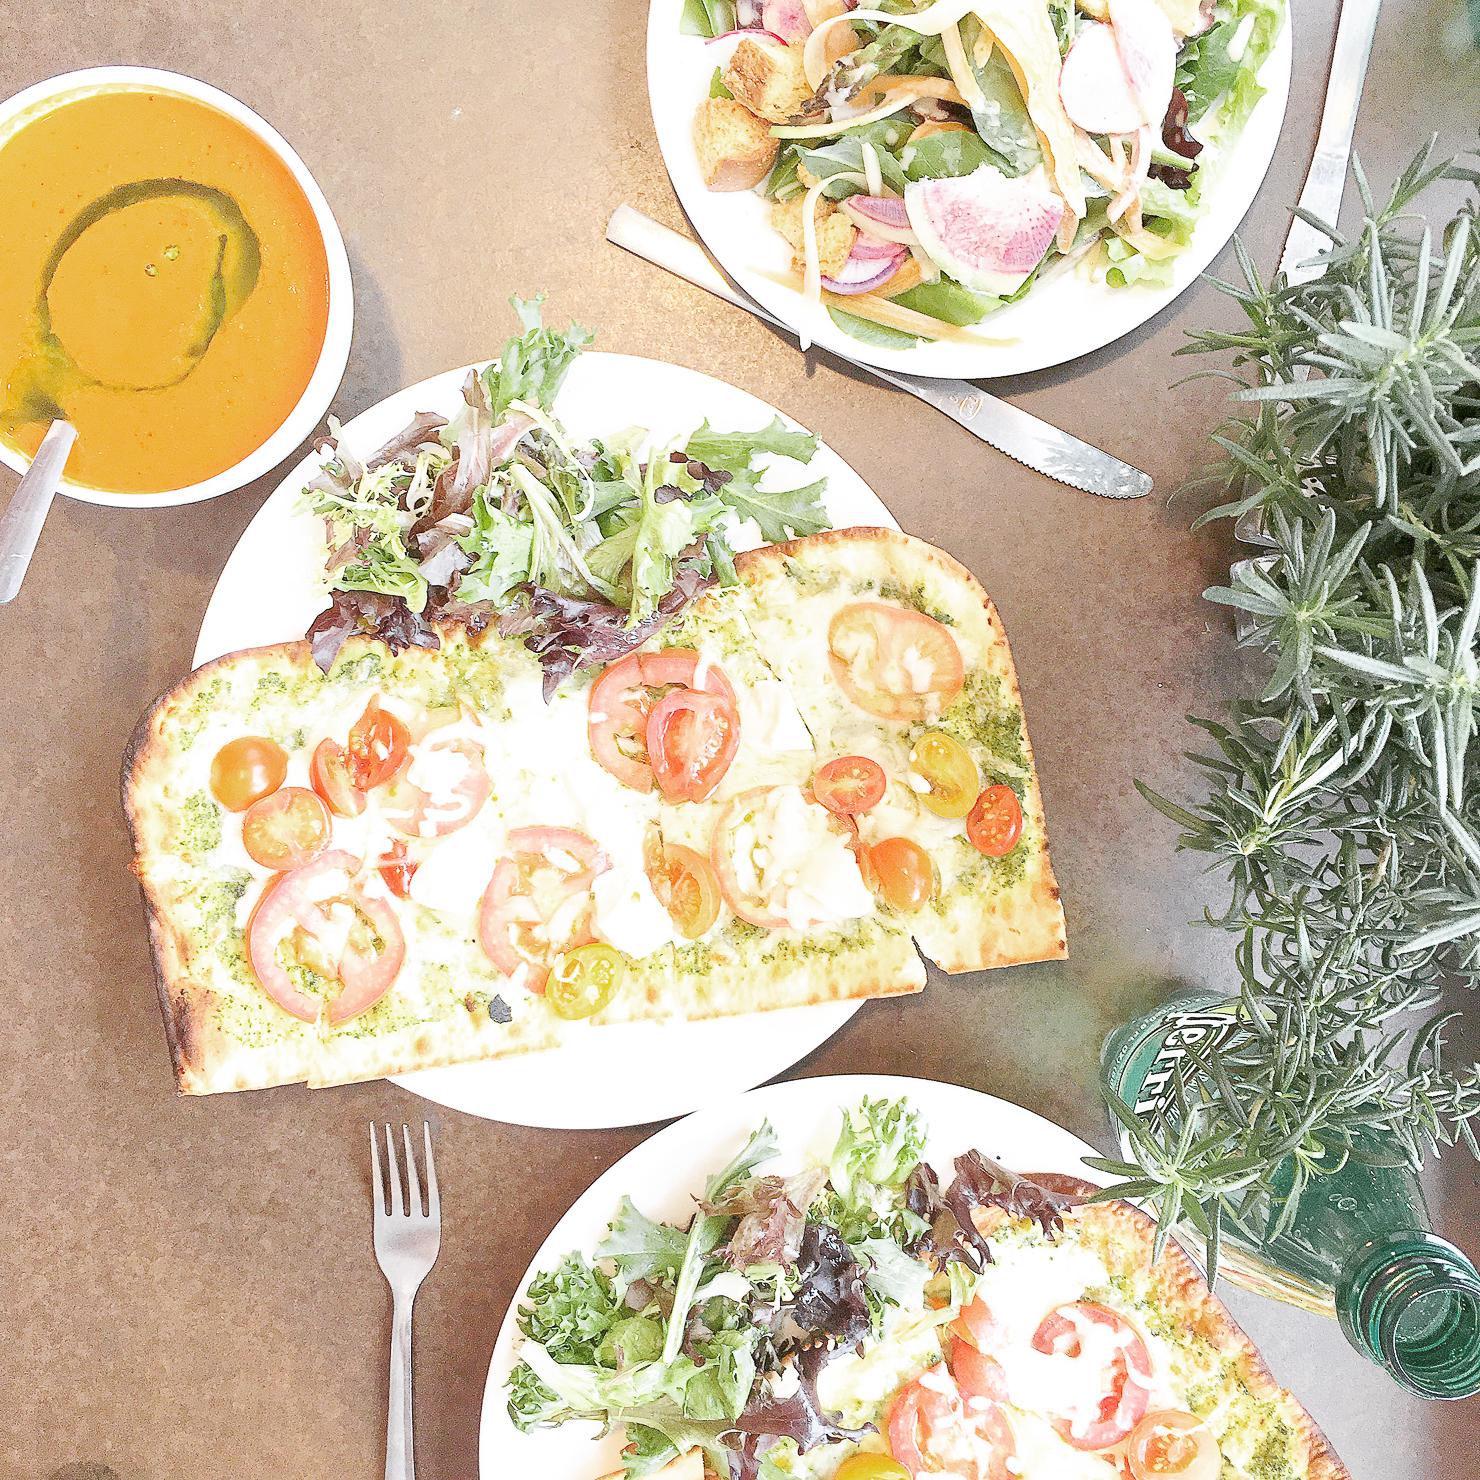 flatbread-margarita-pizza